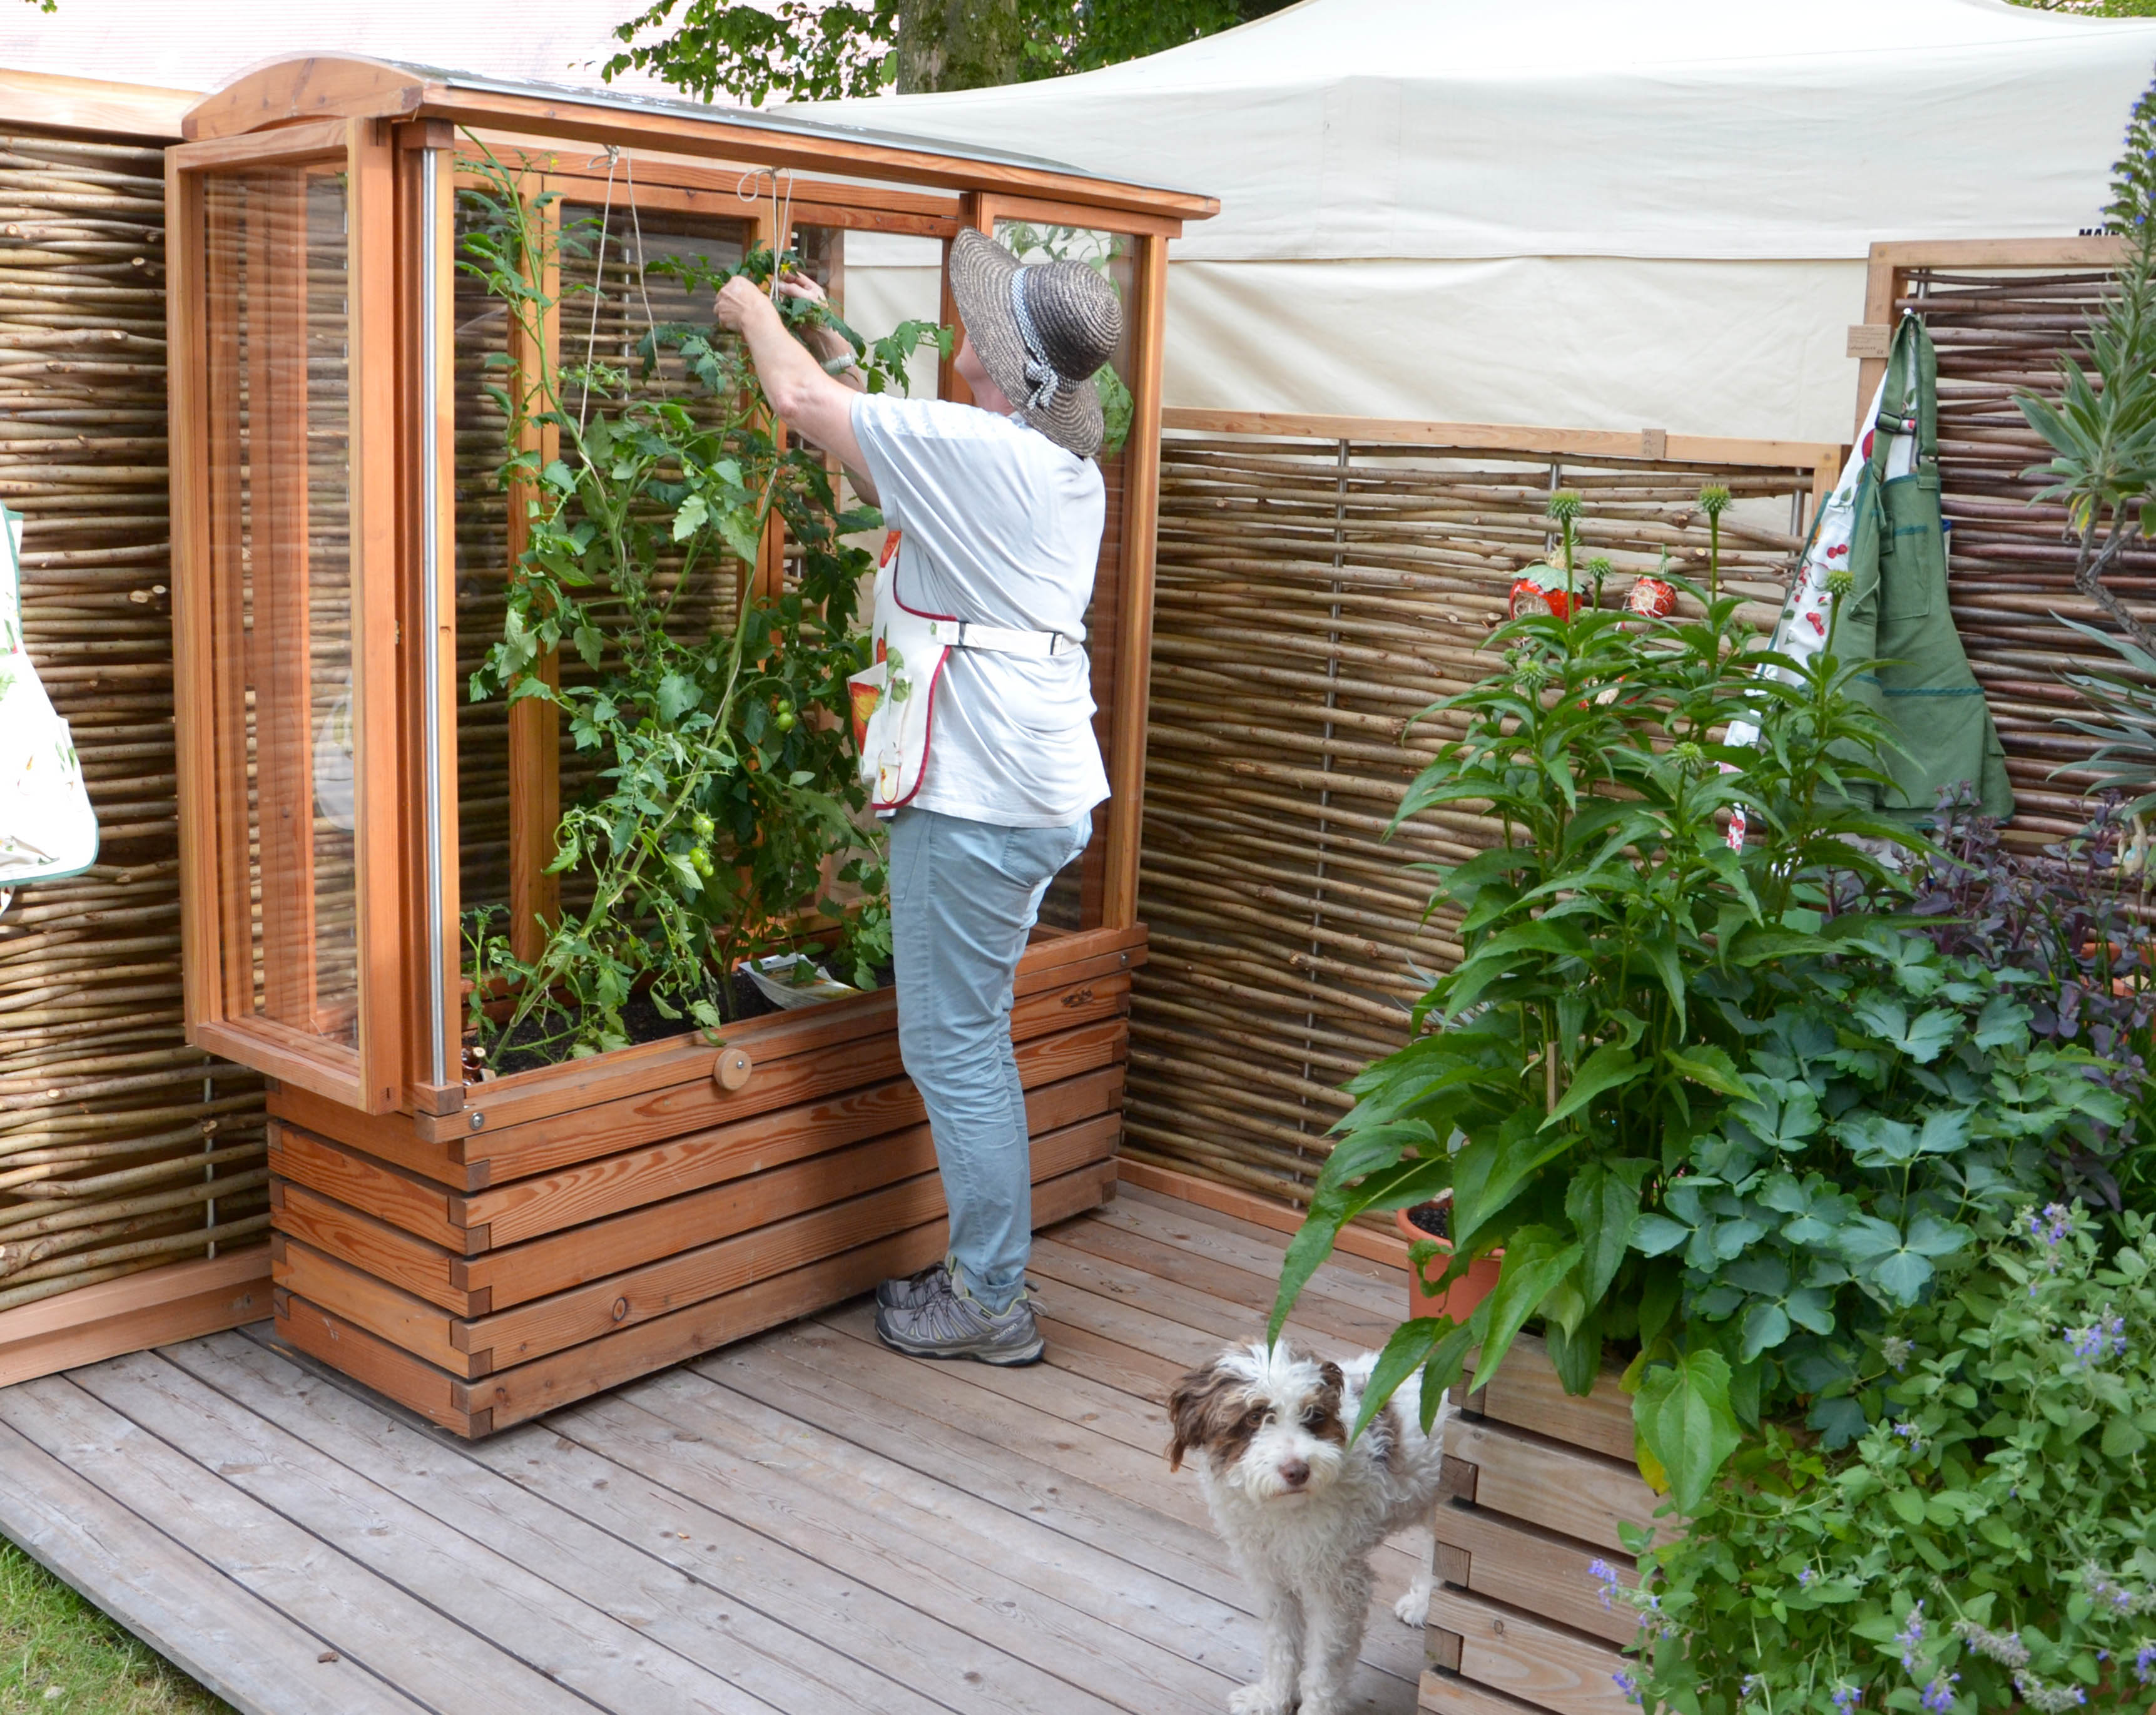 Pin Von Alena Matiasova Auf Gardening In 2020 Tomaten Haus Pflanzkasten Tomatenhaus